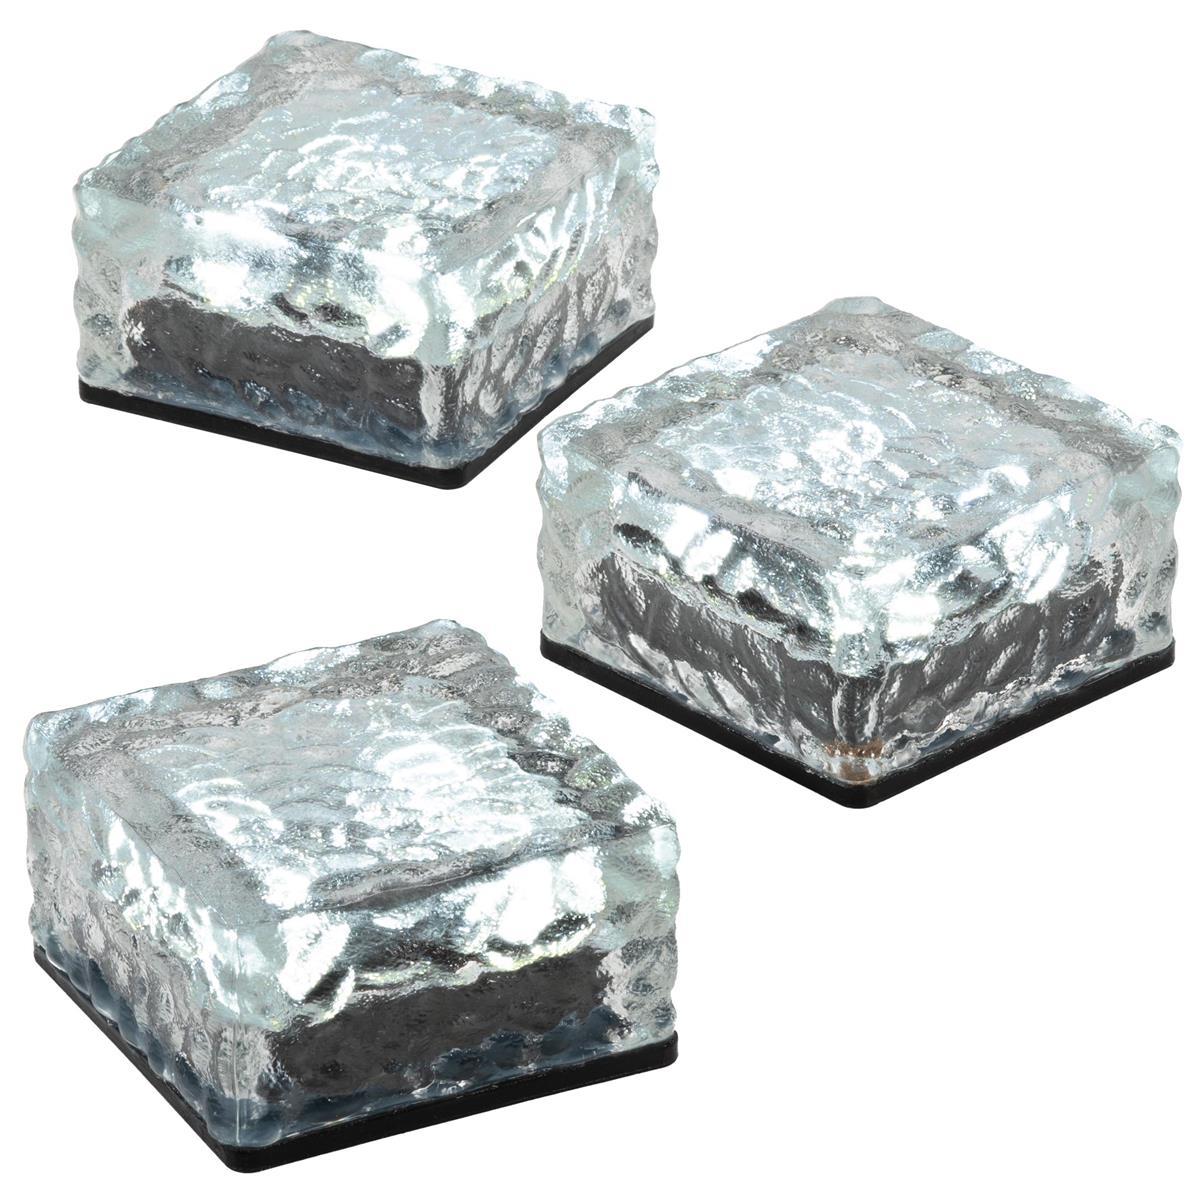 3er Set Solar Glasstein 4 LED weiß 10x10x5 cm Dekoleuchte Milchglas Bodenleuchte